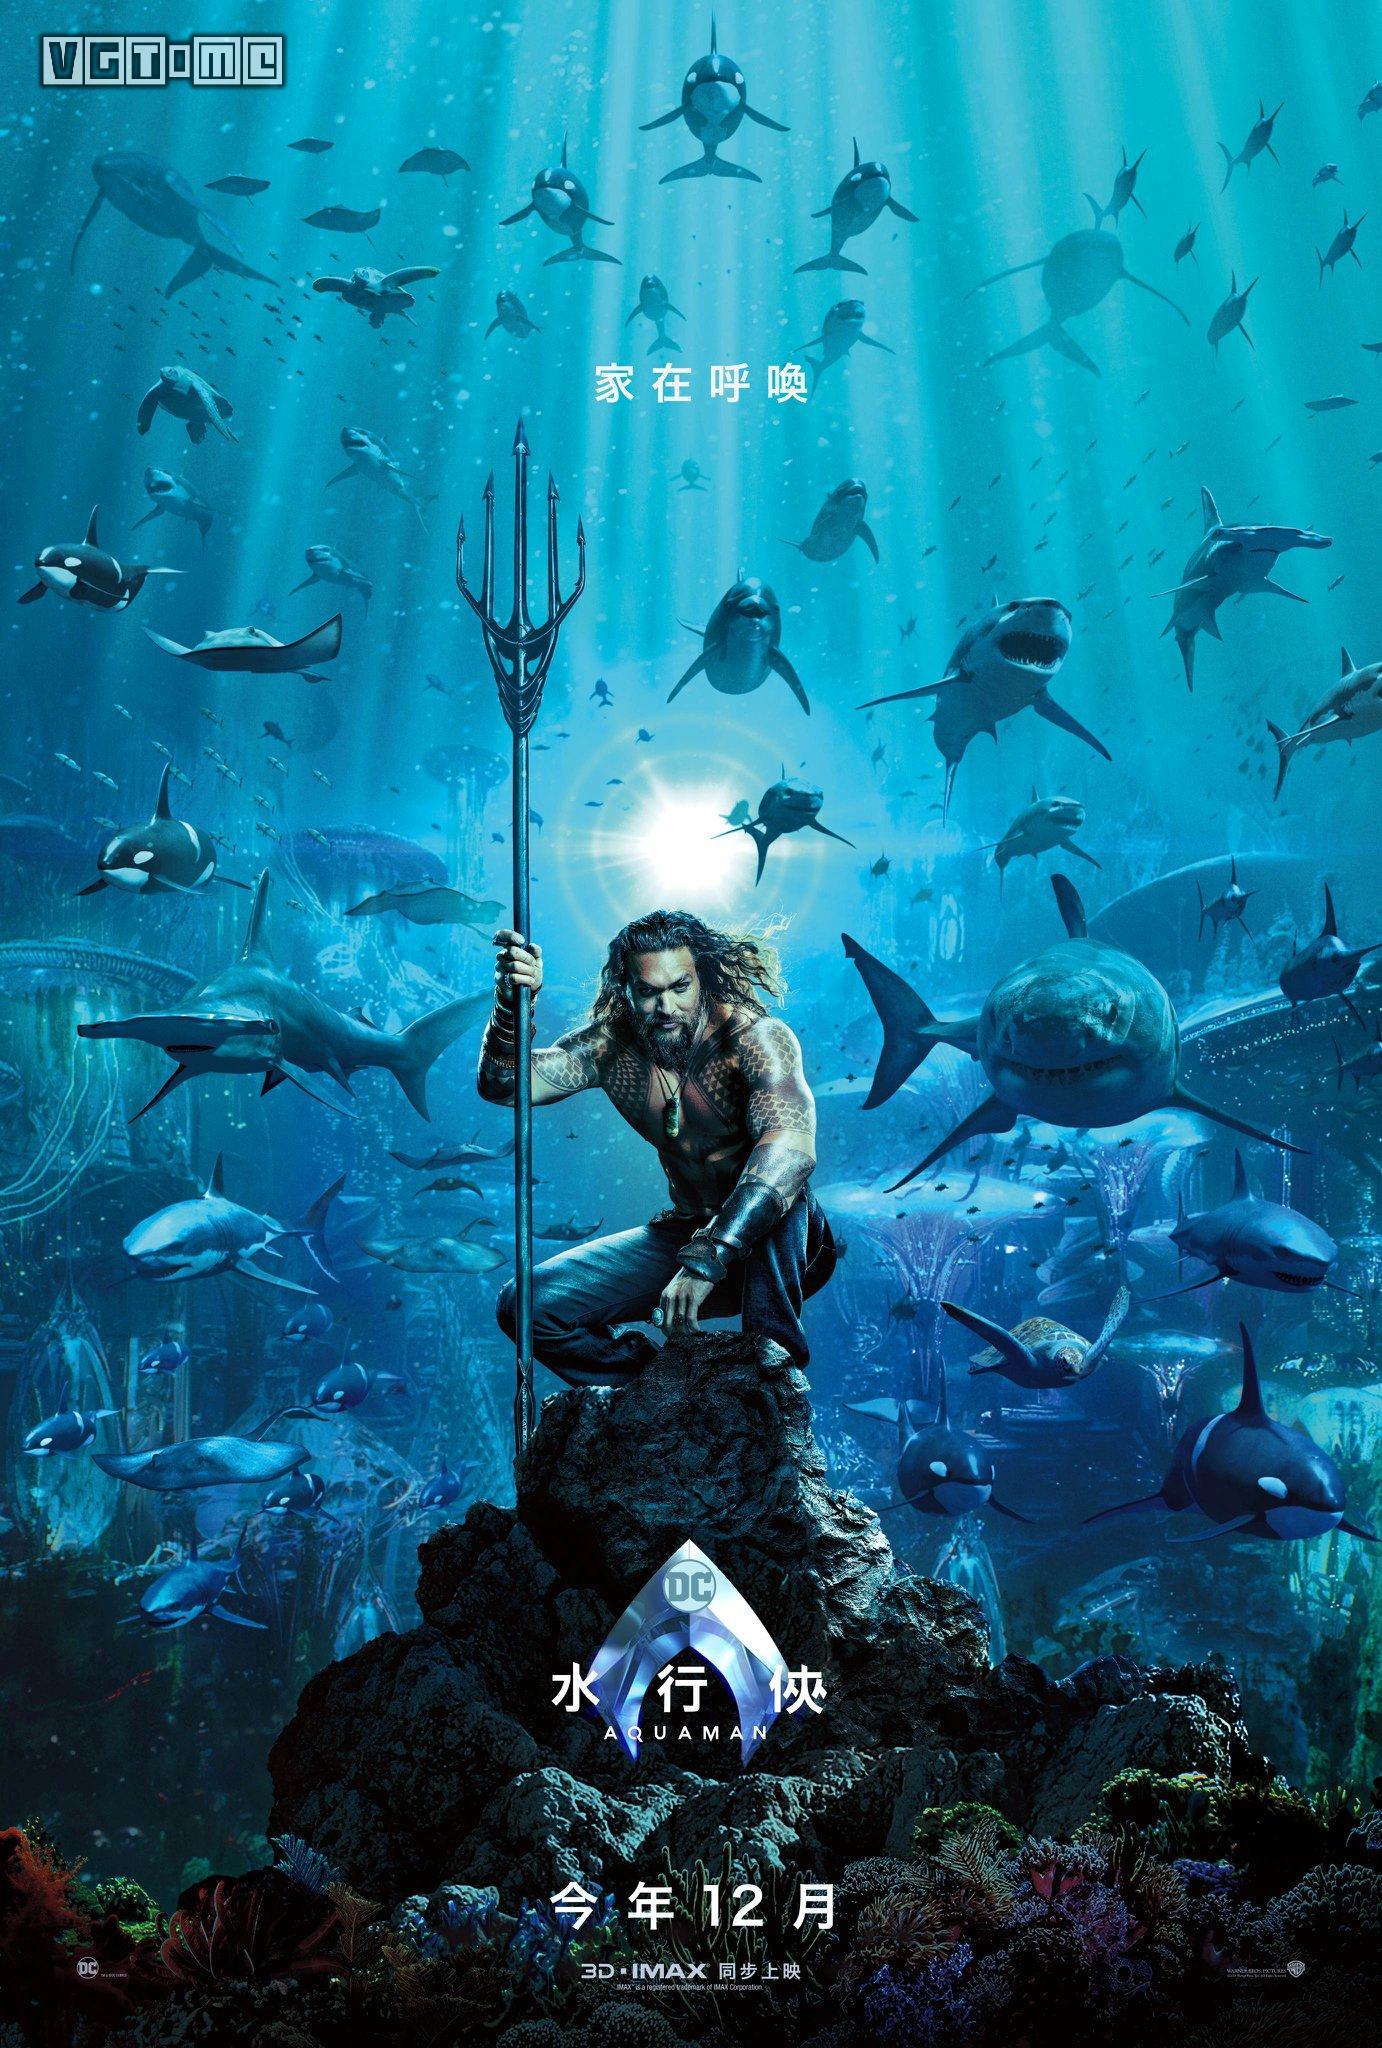 电影宇宙中《正义联盟》主要成员之一,海王的诞生,成长,以及重返海底